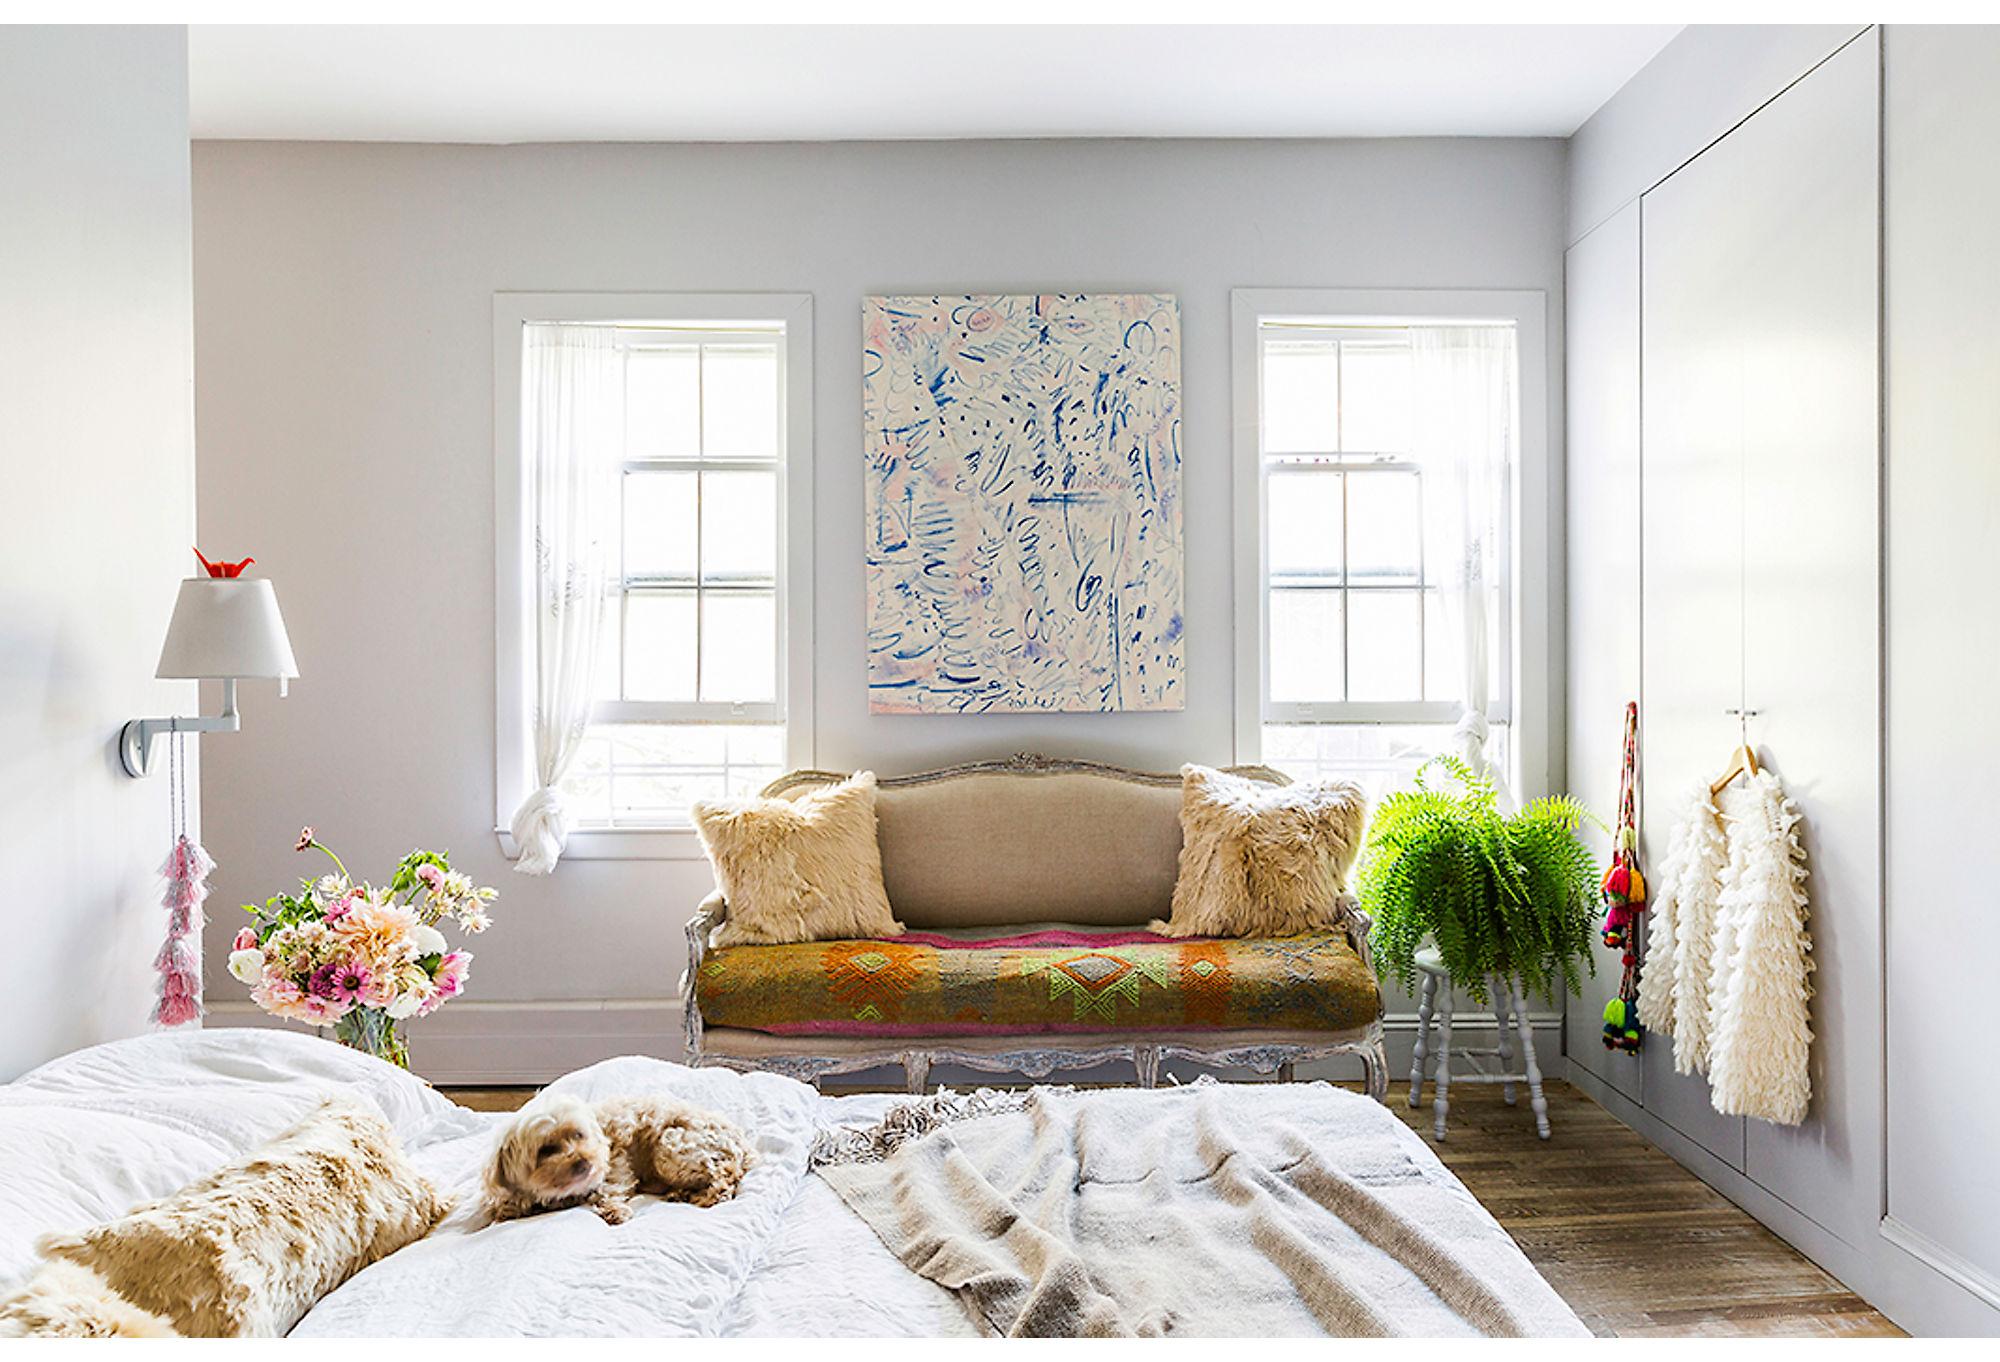 спальня встроенный шкаф диван текстиль